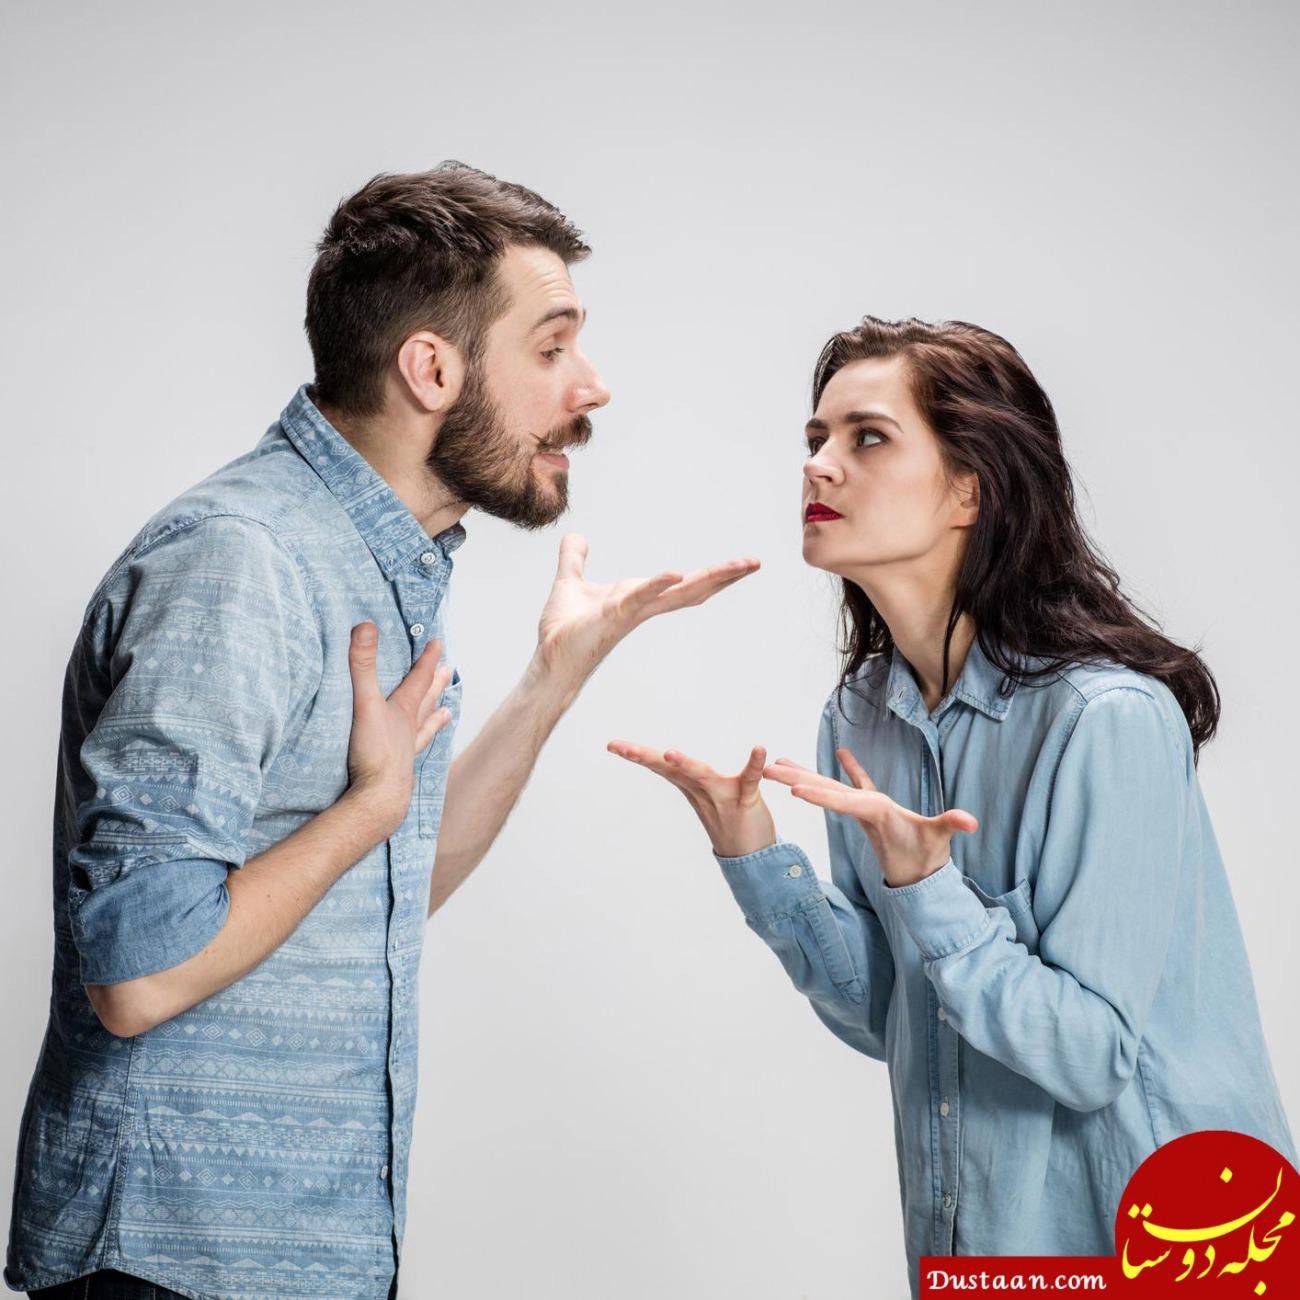 شوهرم مدام می گوید که تو نمی فهمی و نظر نده!